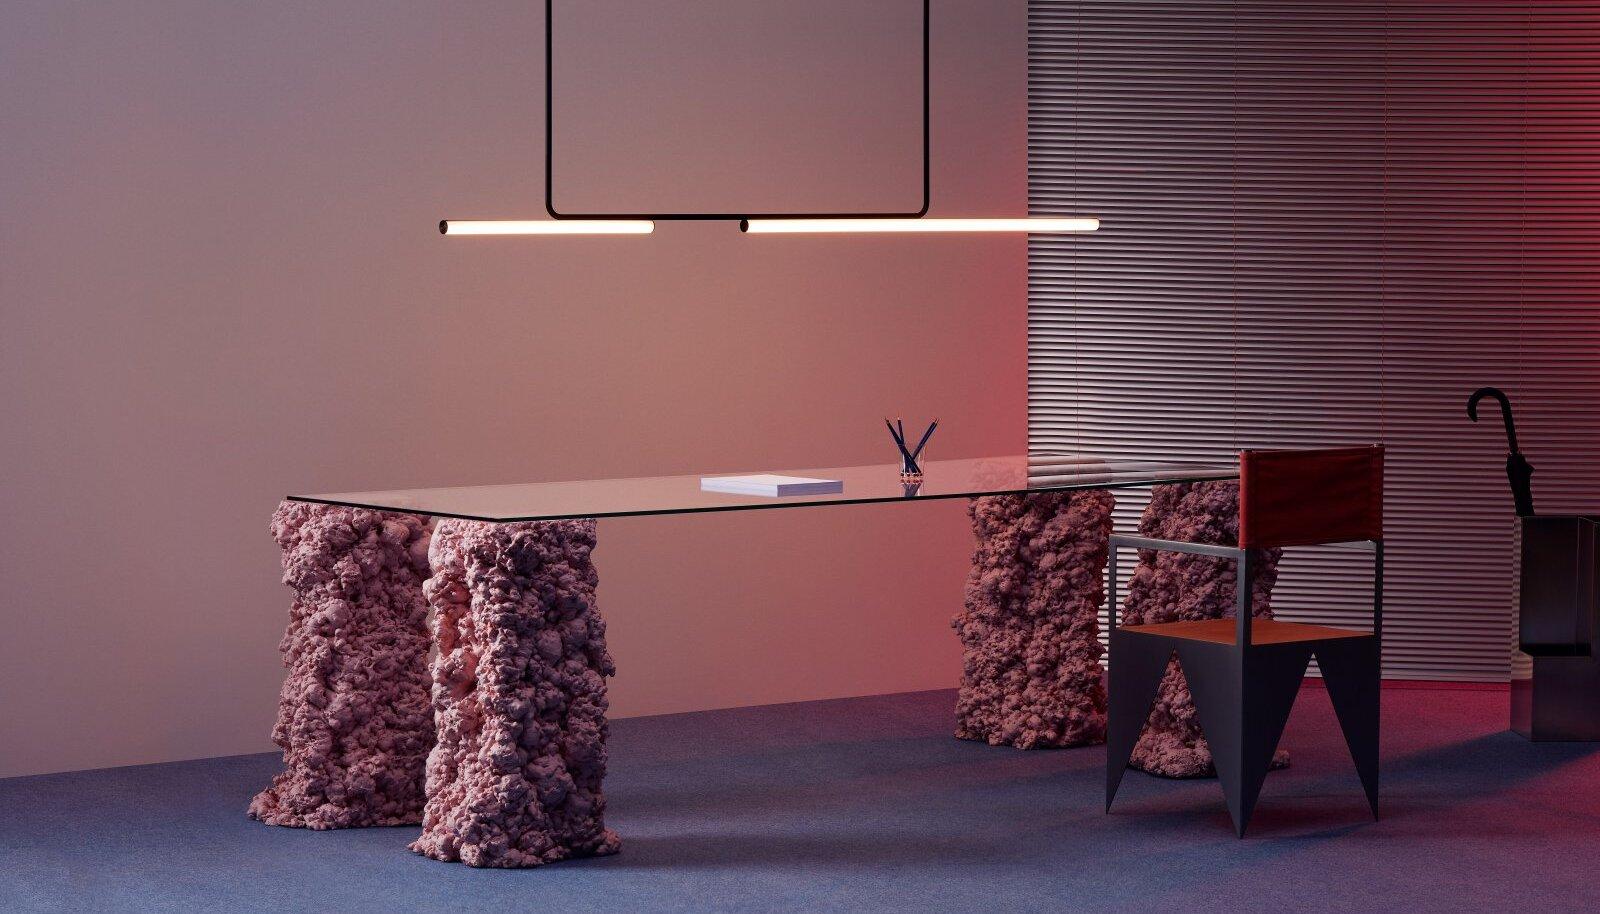 Новая серия Ambrosia испанского производителя светильников Marset – хороший пример простого, неподвластного времени, сильного дизайна, он подходит как для современных, так и для классических интерьеров.